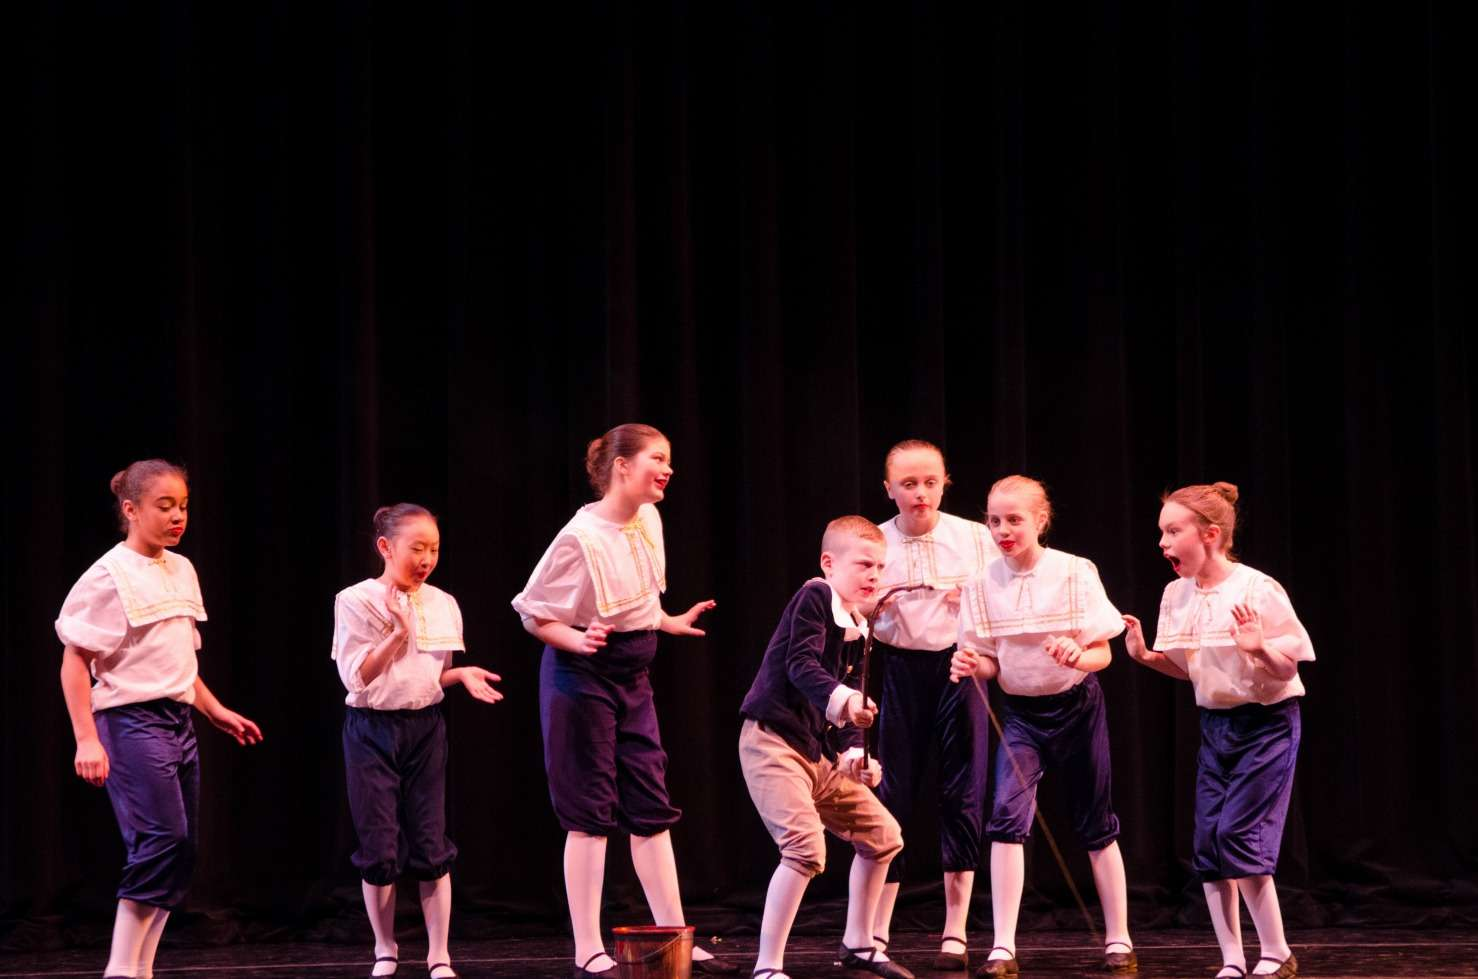 The Sailor School children watch Andrew fishing.